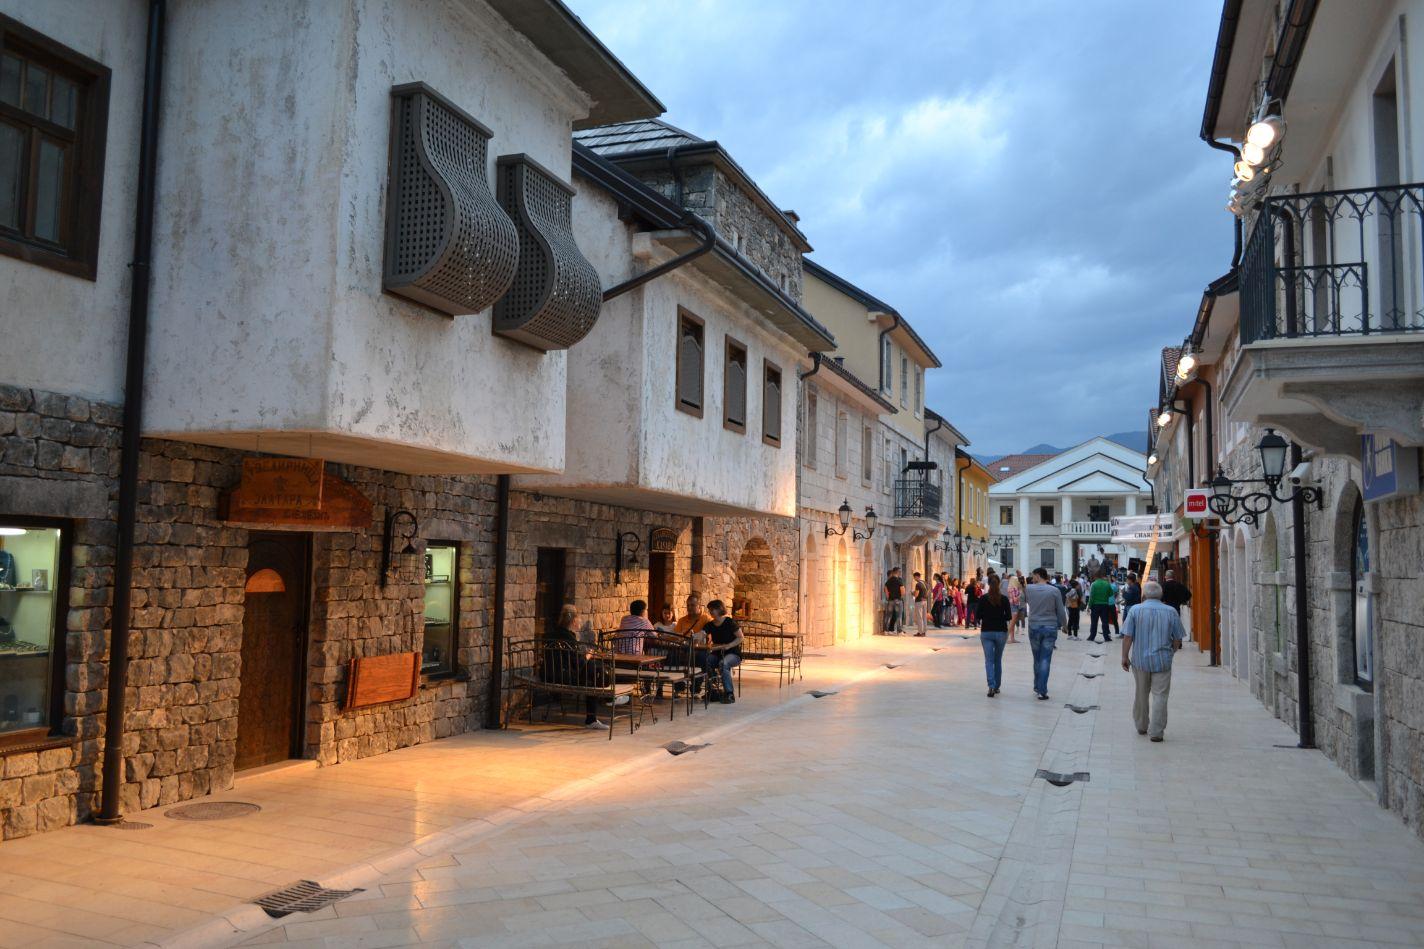 Ulica Višegrad